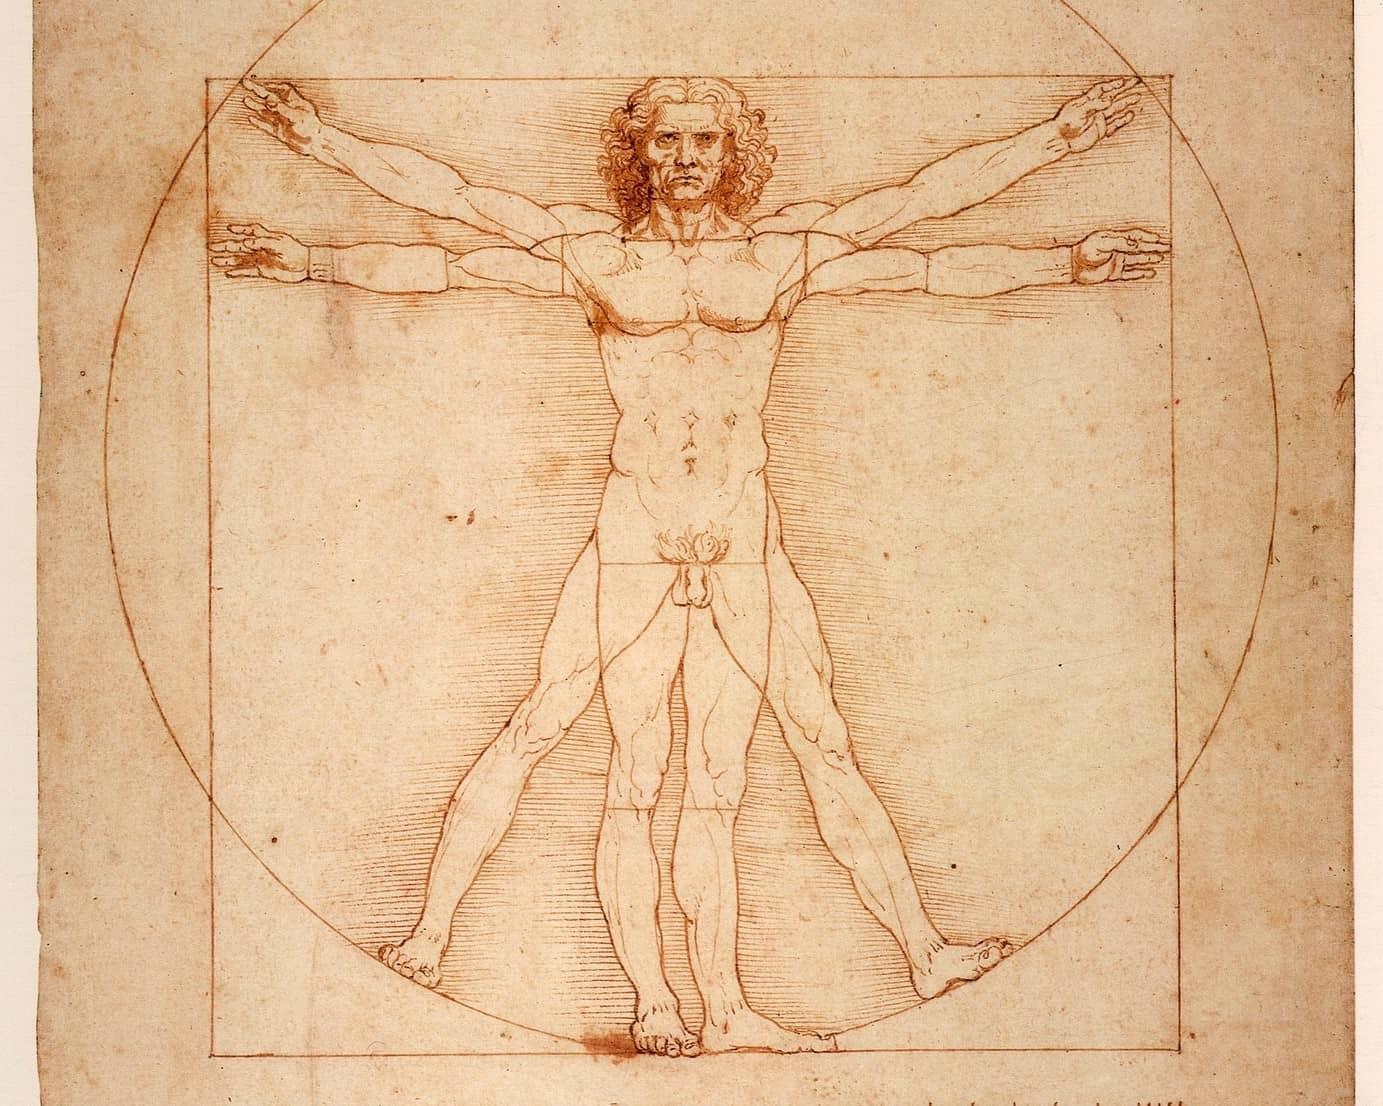 L'homme de Vitruve de Vinci ou l'équilibre